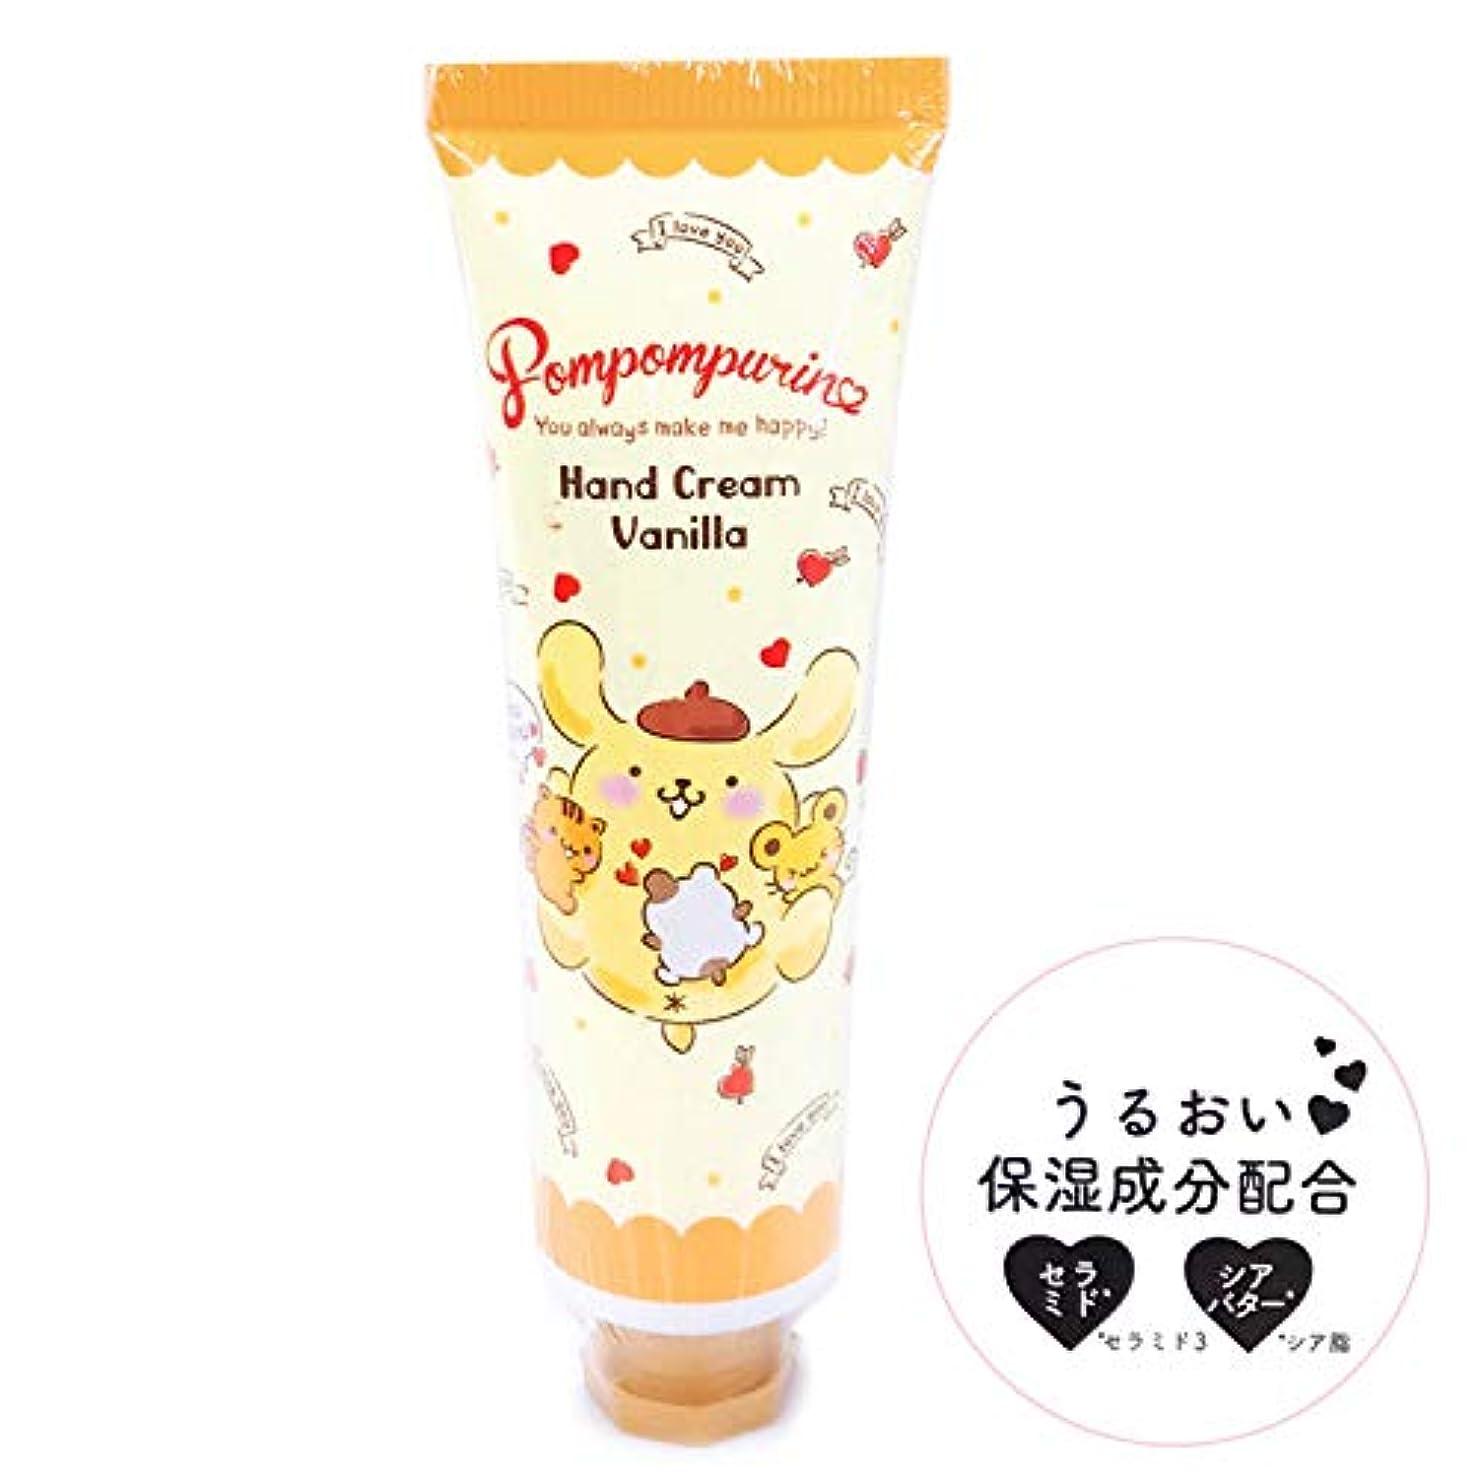 規制するリテラシーベットポムポムプリン ハンドクリーム バニラの香り [380316]